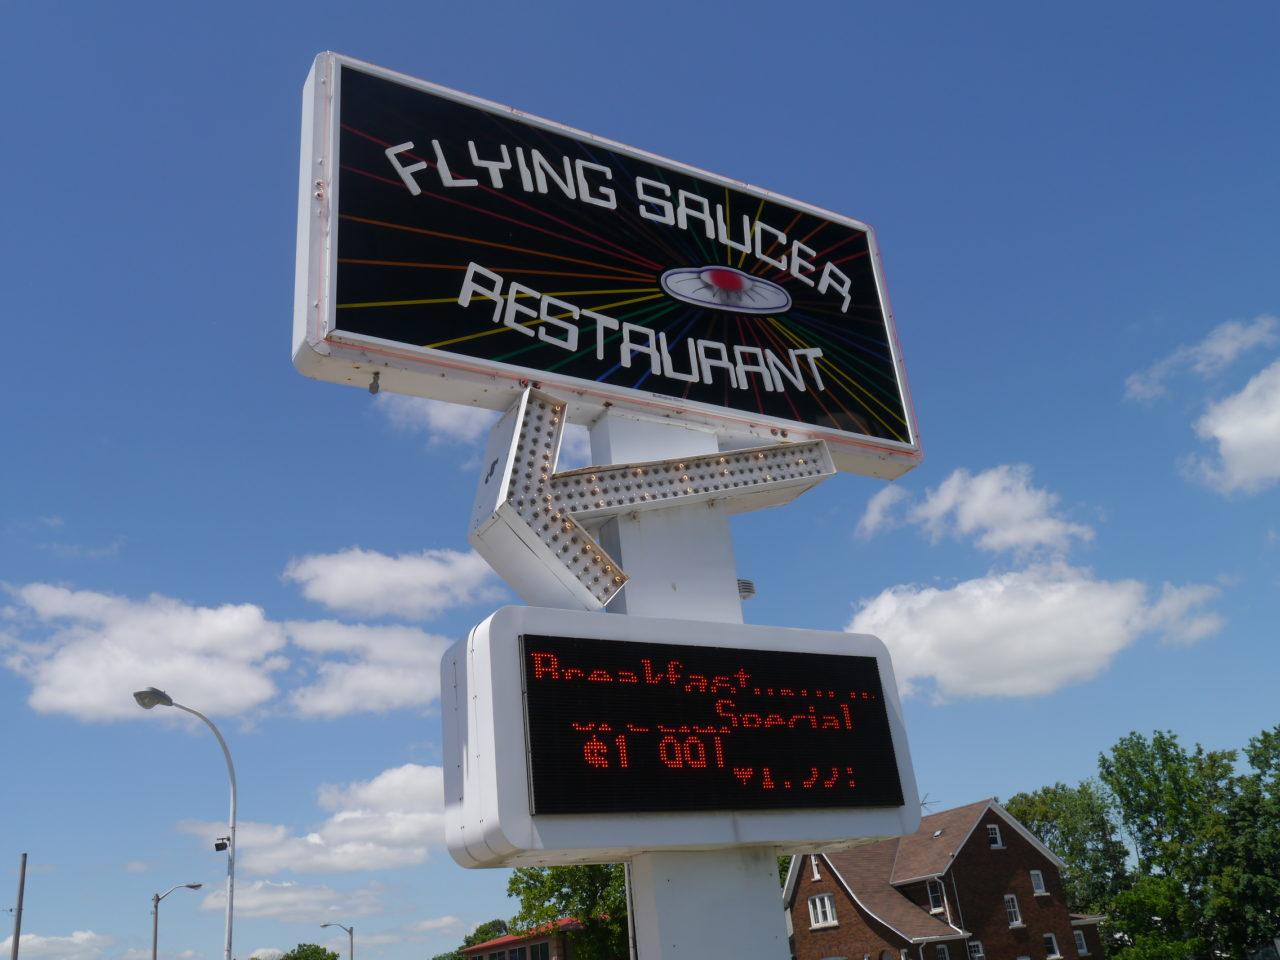 Restaurants in Niagara Falls: Flying Saucer